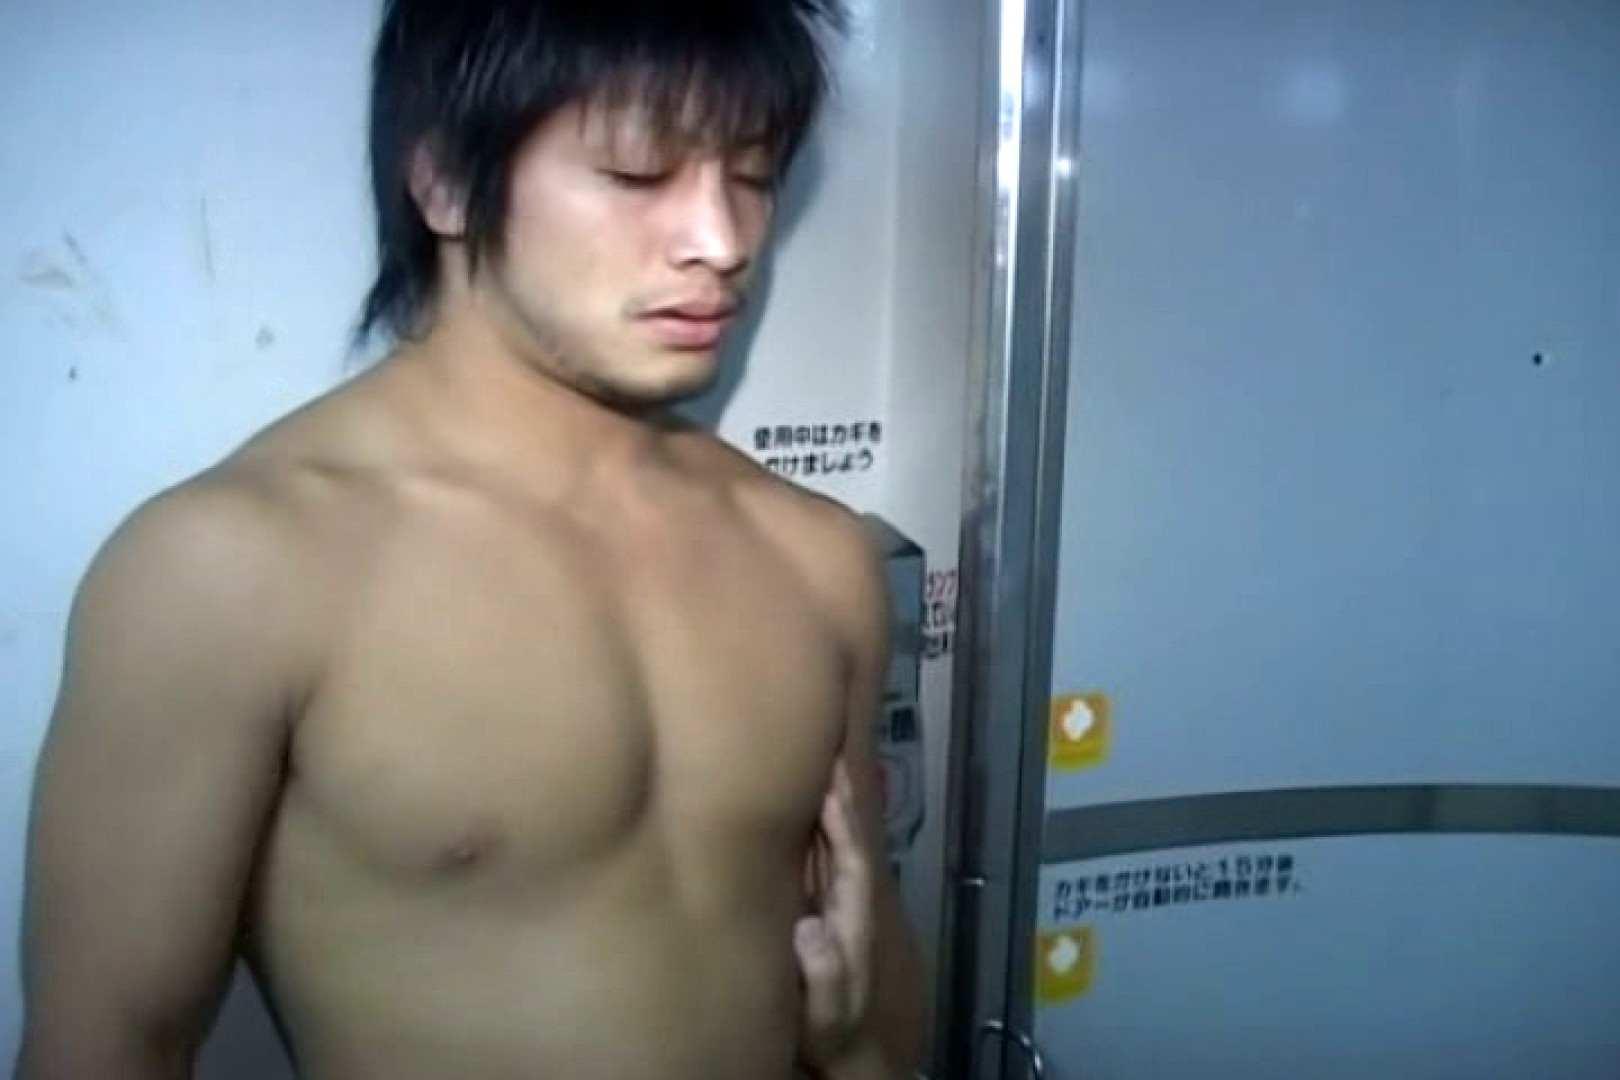 突激!ノンケ教育隊vol.01 野外露出 ゲイ素人エロ画像 97枚 52